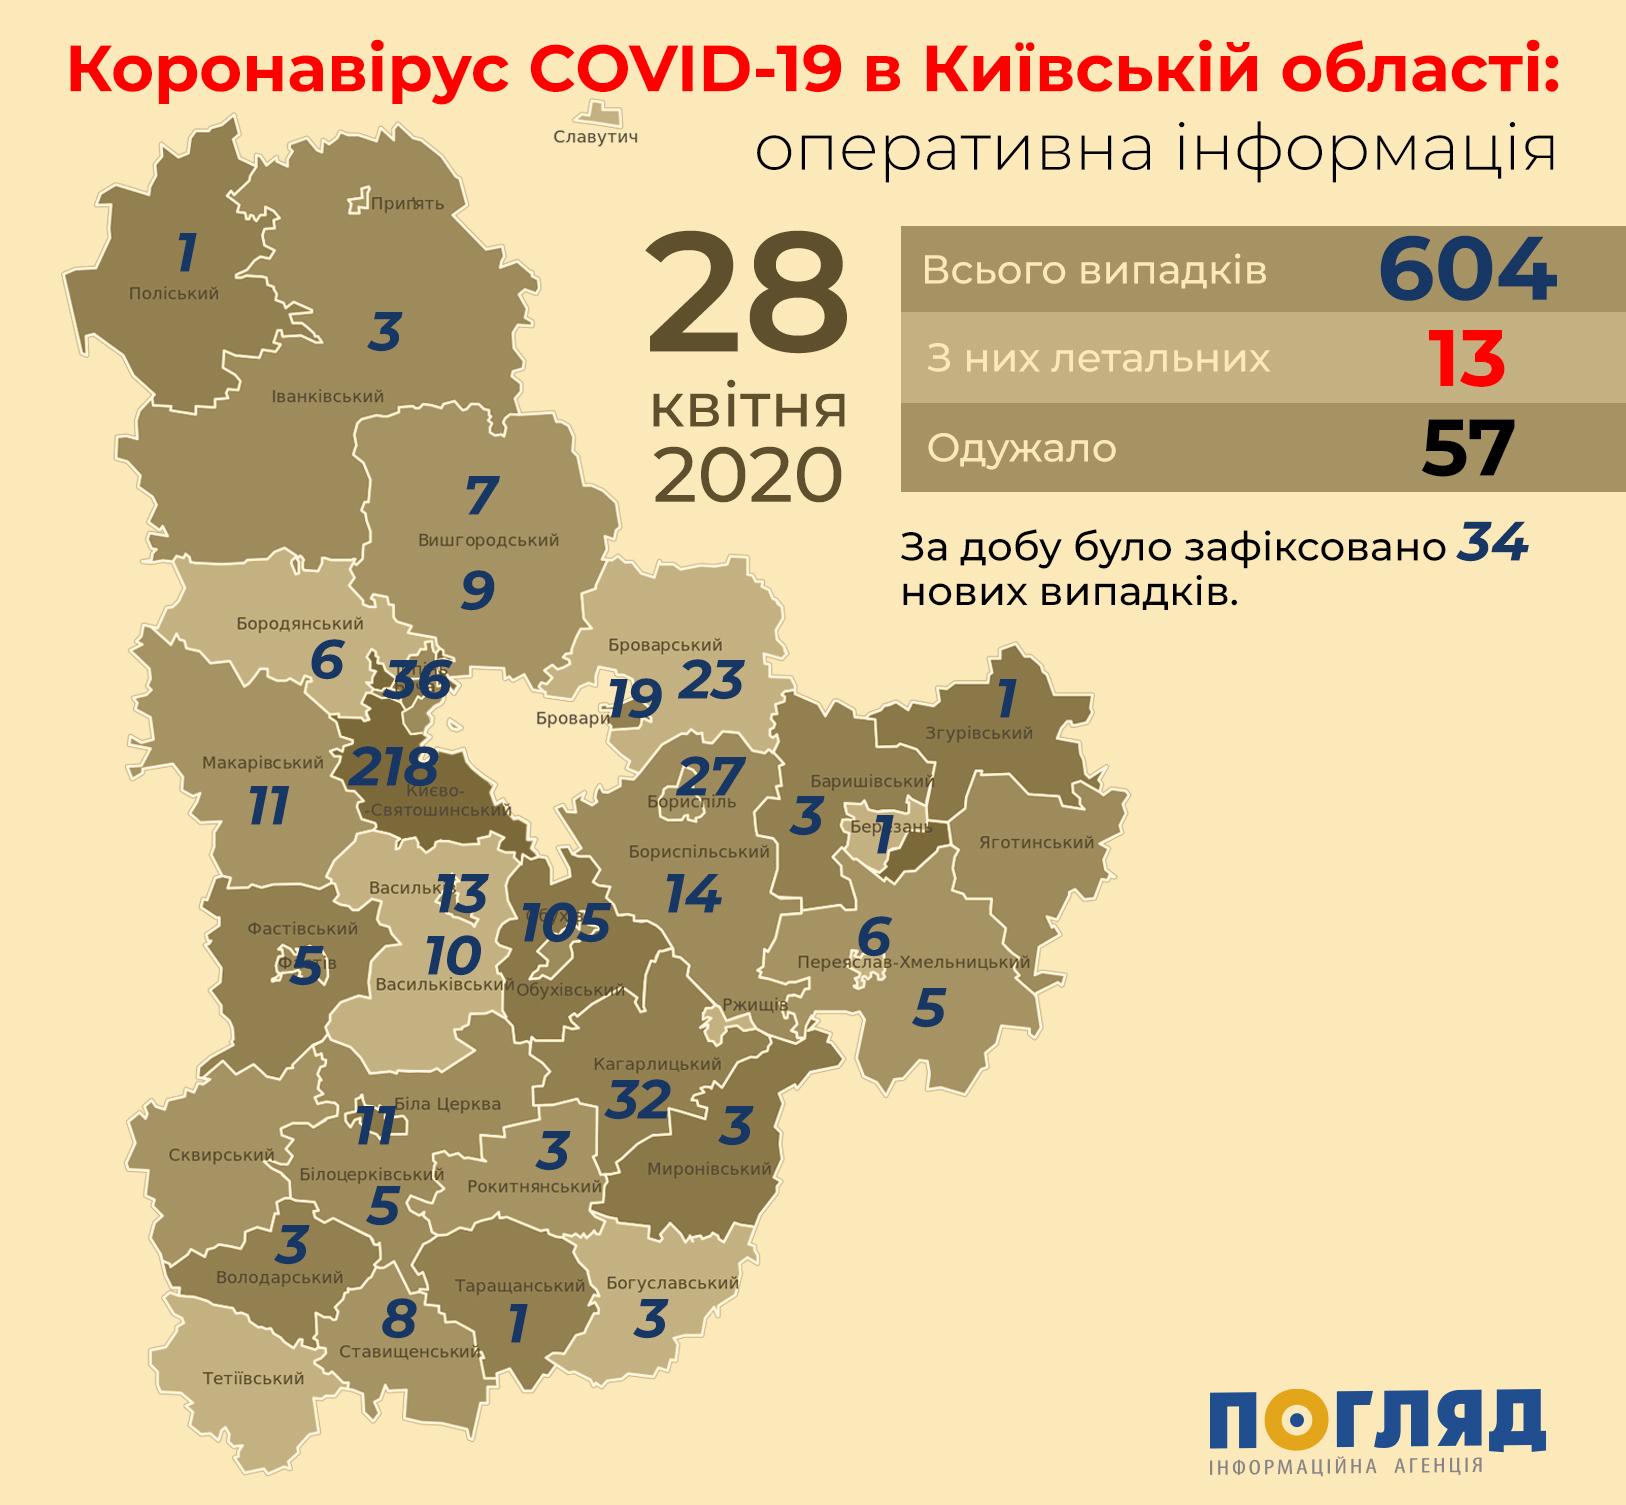 Інформація про поширення коронавірусу в населених пунктах Київщини -  - Kyiv regions covid19 3